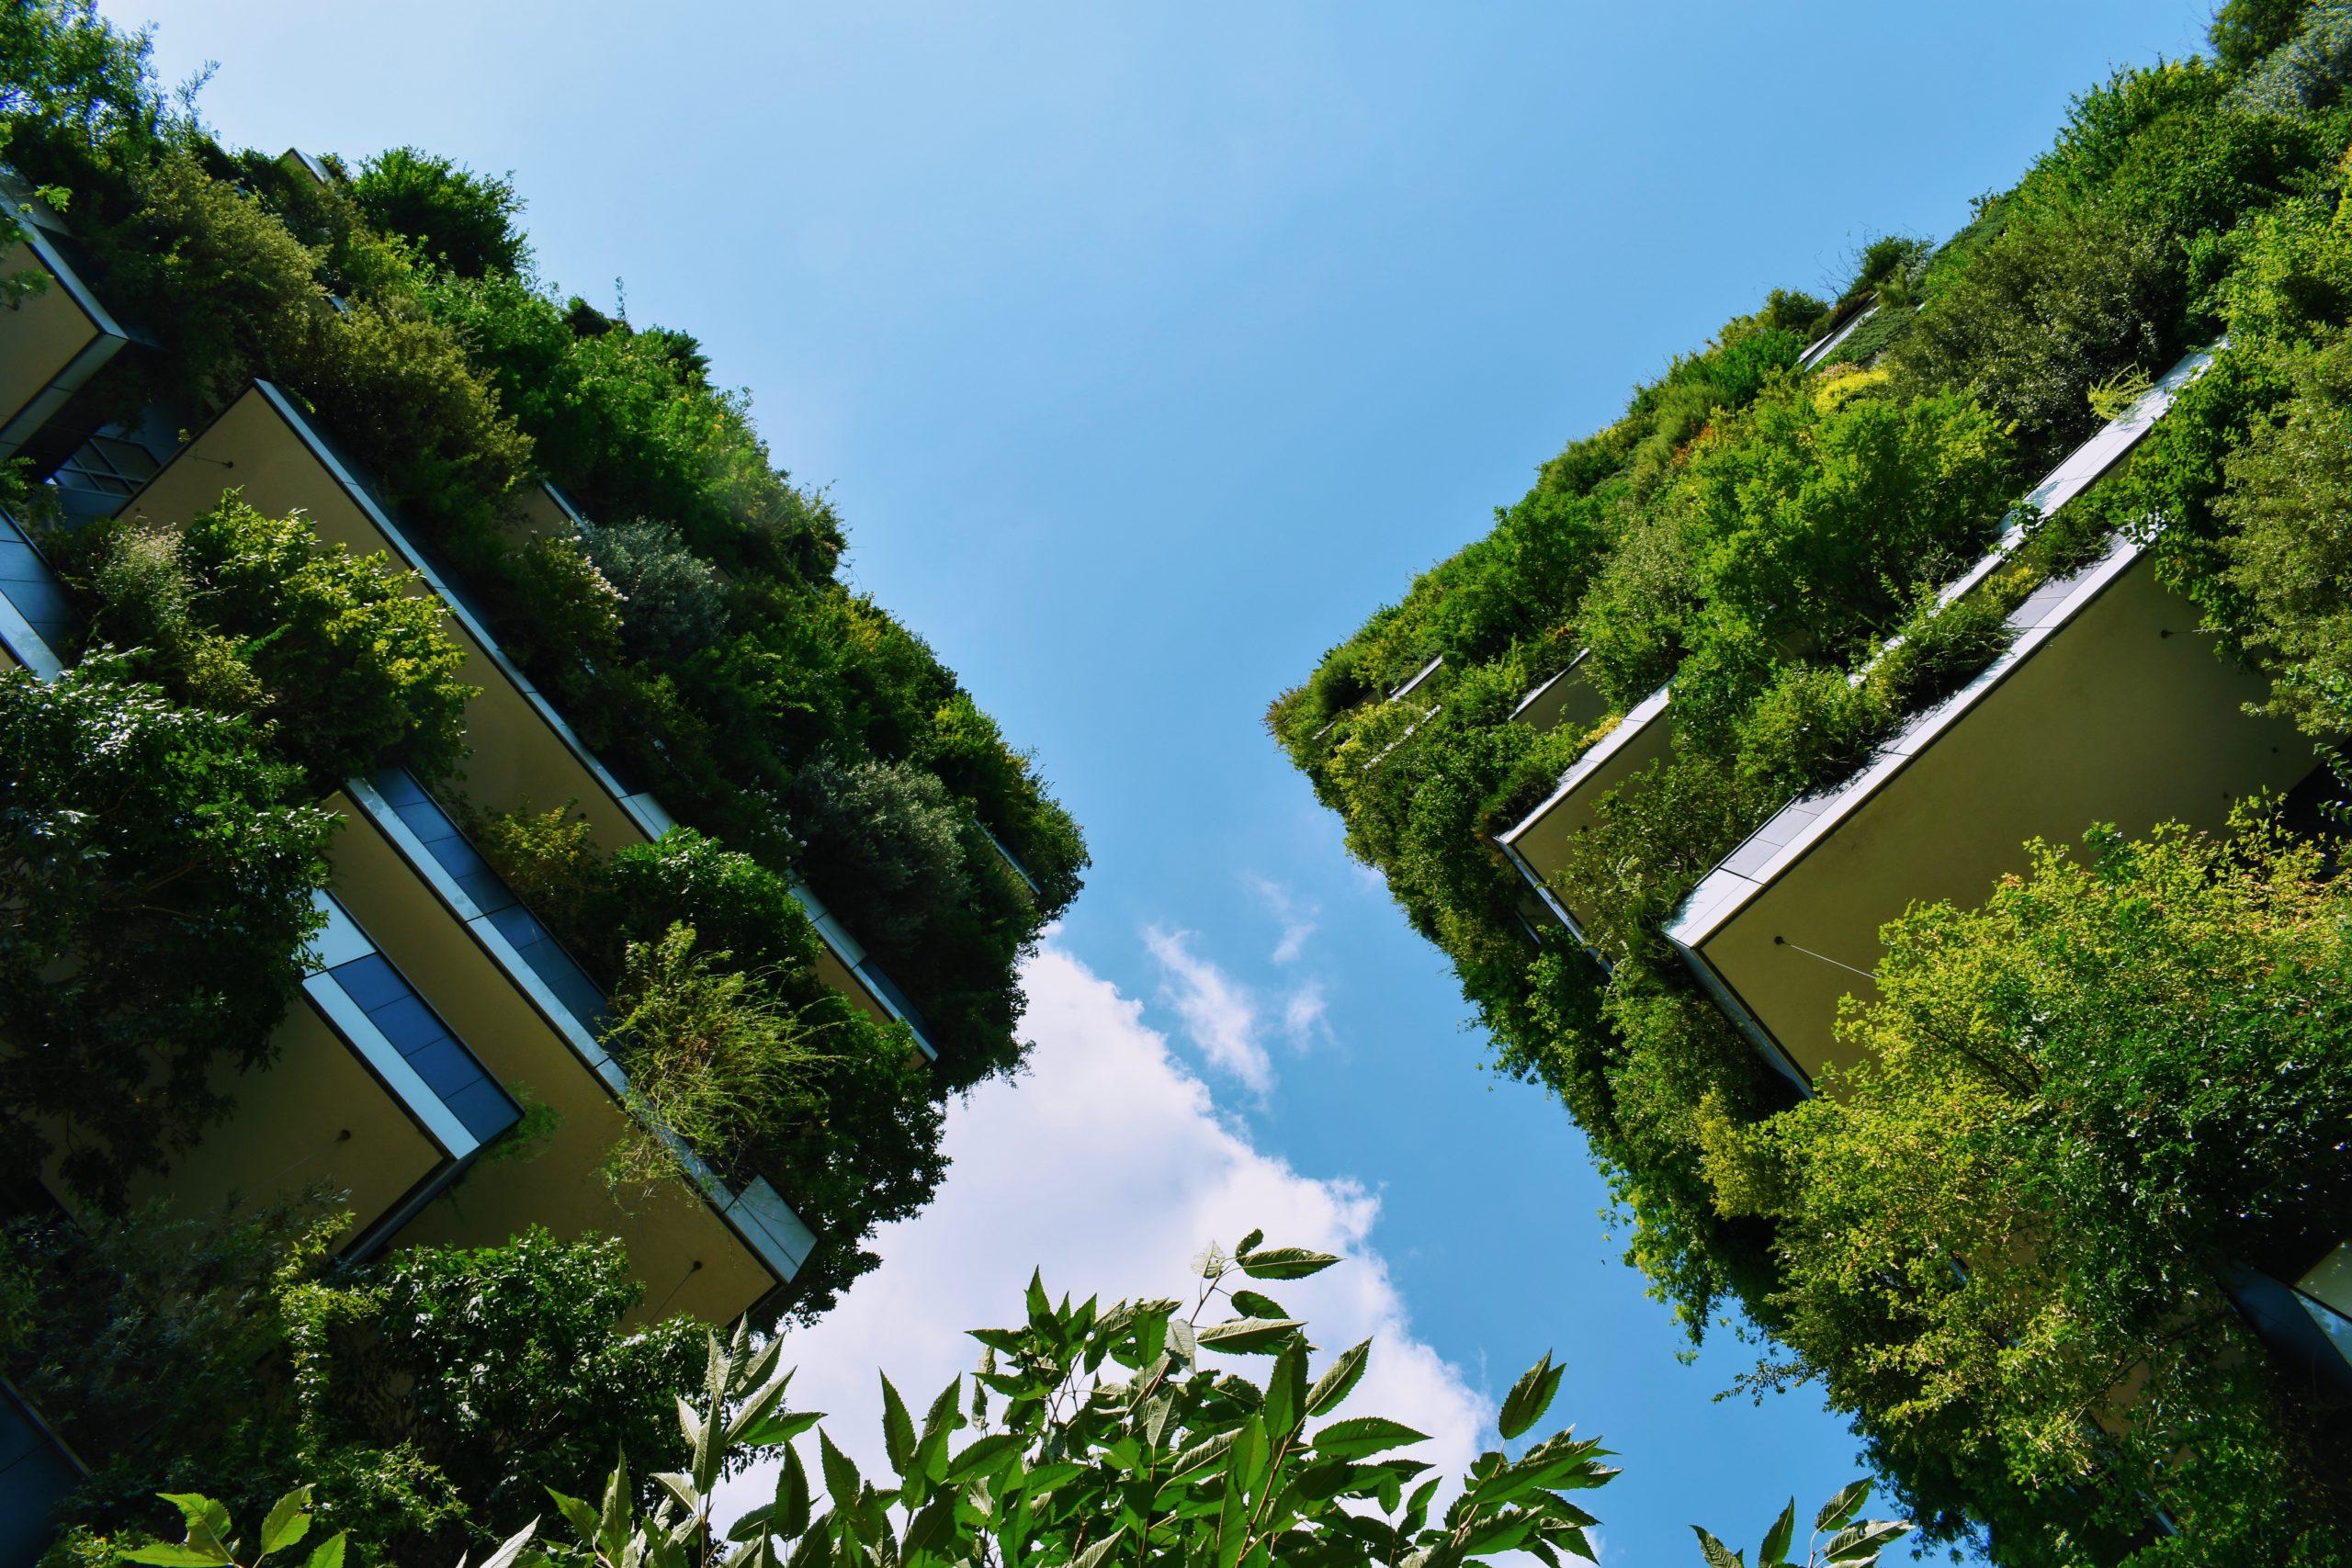 """Raport z międzynarodowych warsztatów REHVA pn. """"People-Centred Energy Performance Certificates for Buildings"""" na temat Świadectwa charakterystyki energetycznej budynków."""